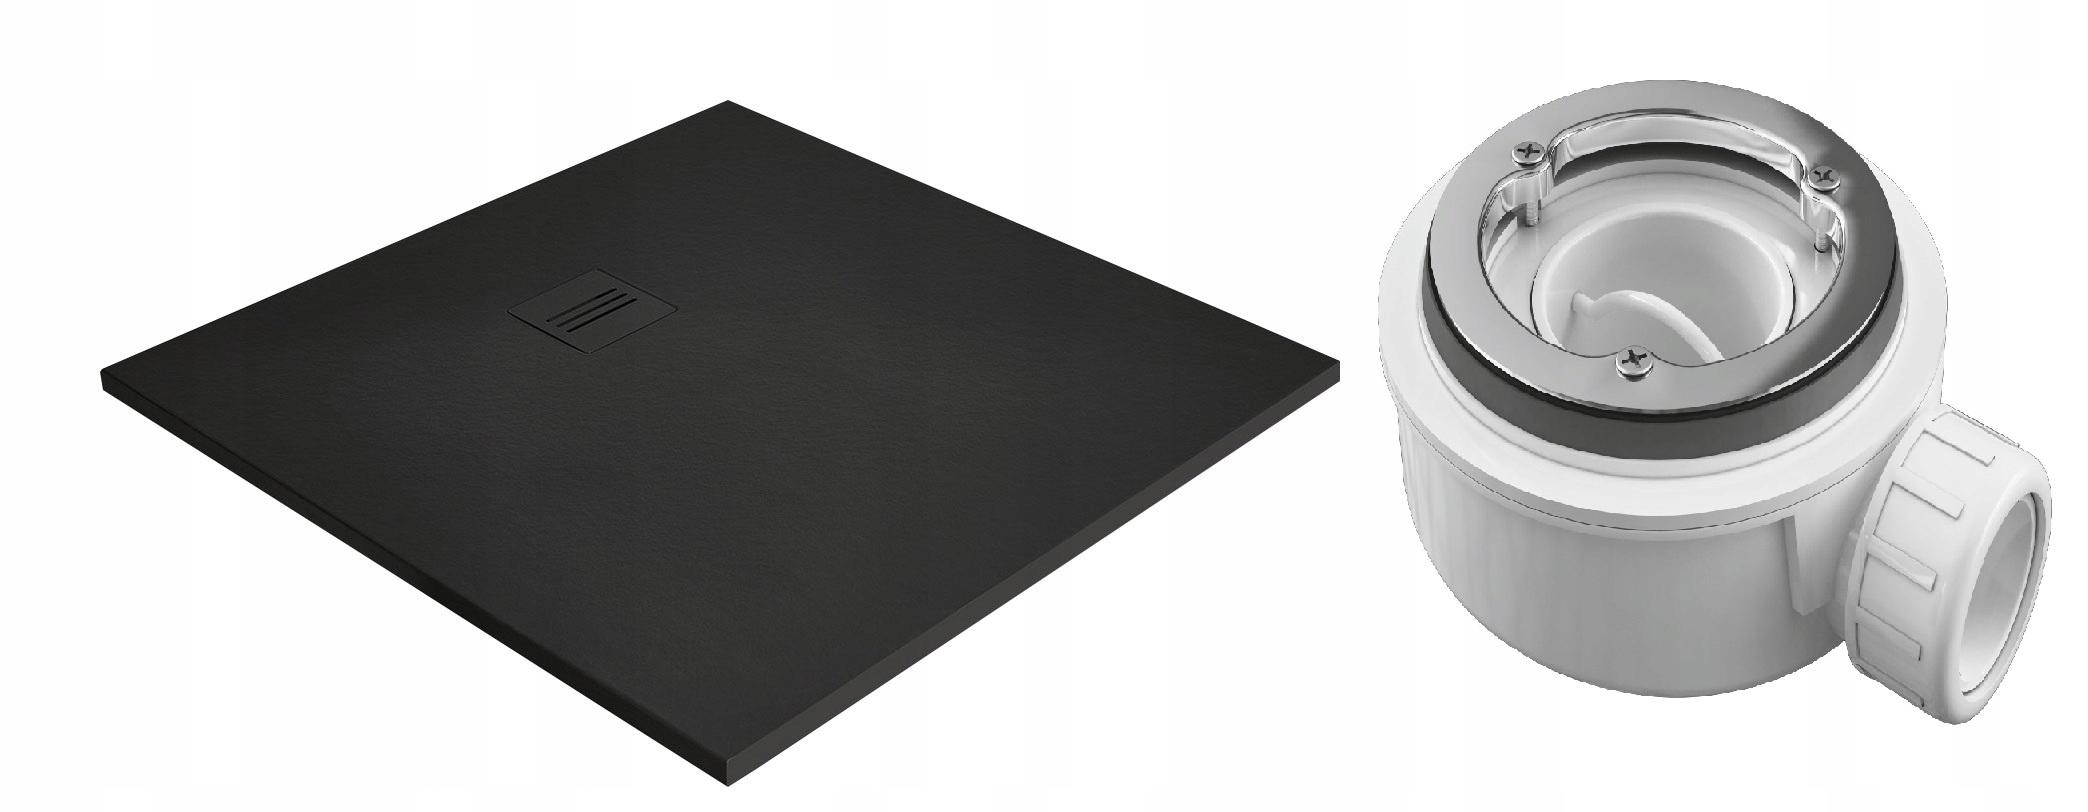 Čierna sprchová vanička Kyntos c 80x80 Radaway + sifón HS1